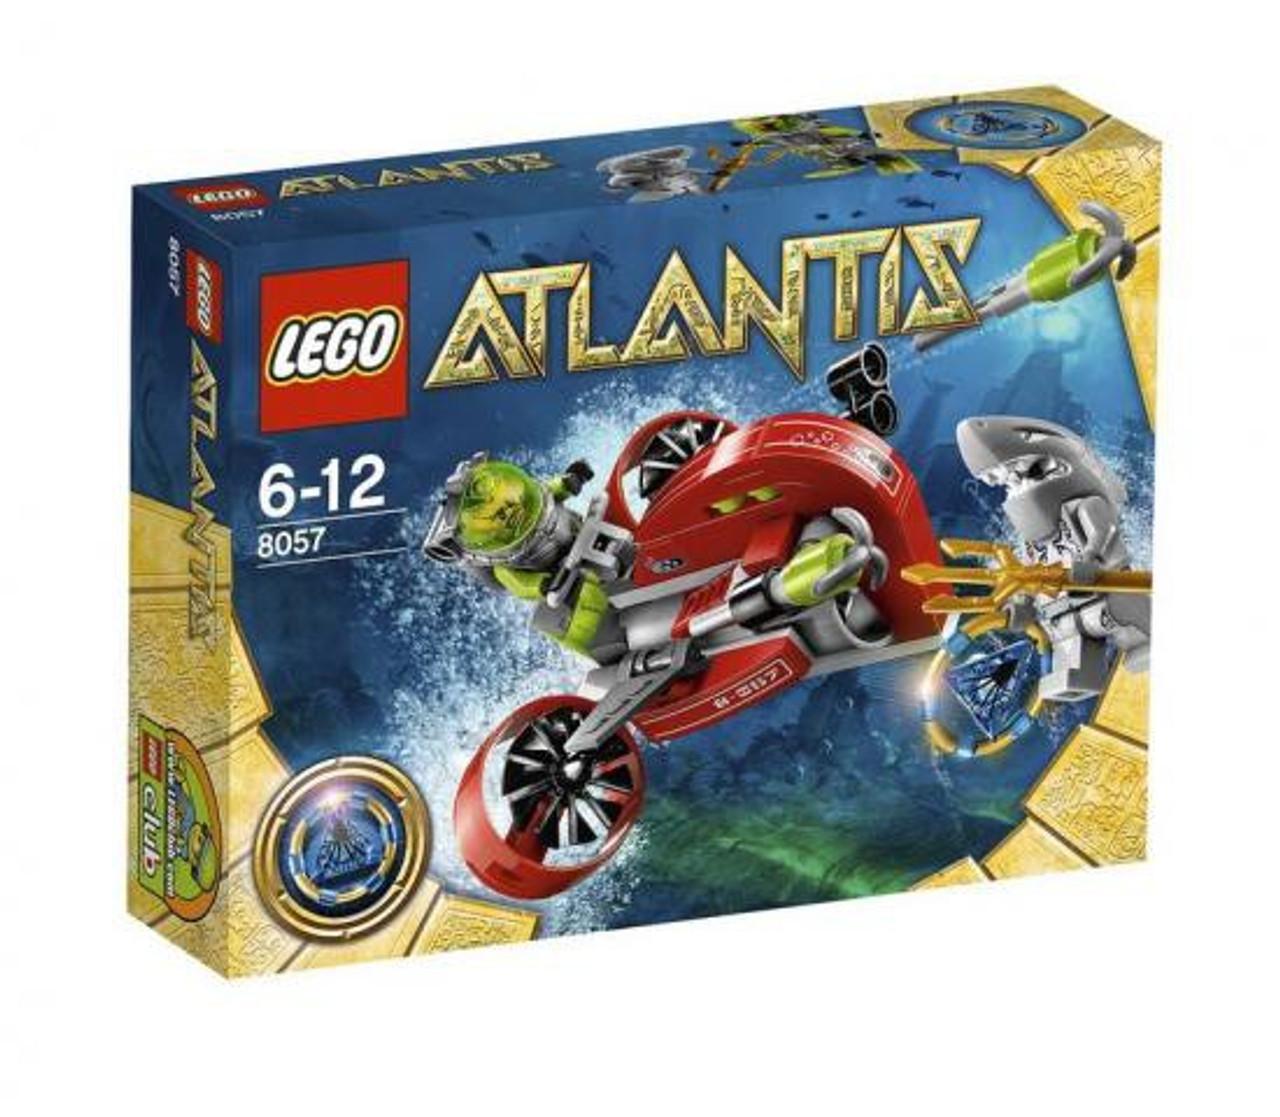 LEGO Atlantis Wreck Raider Set #8057